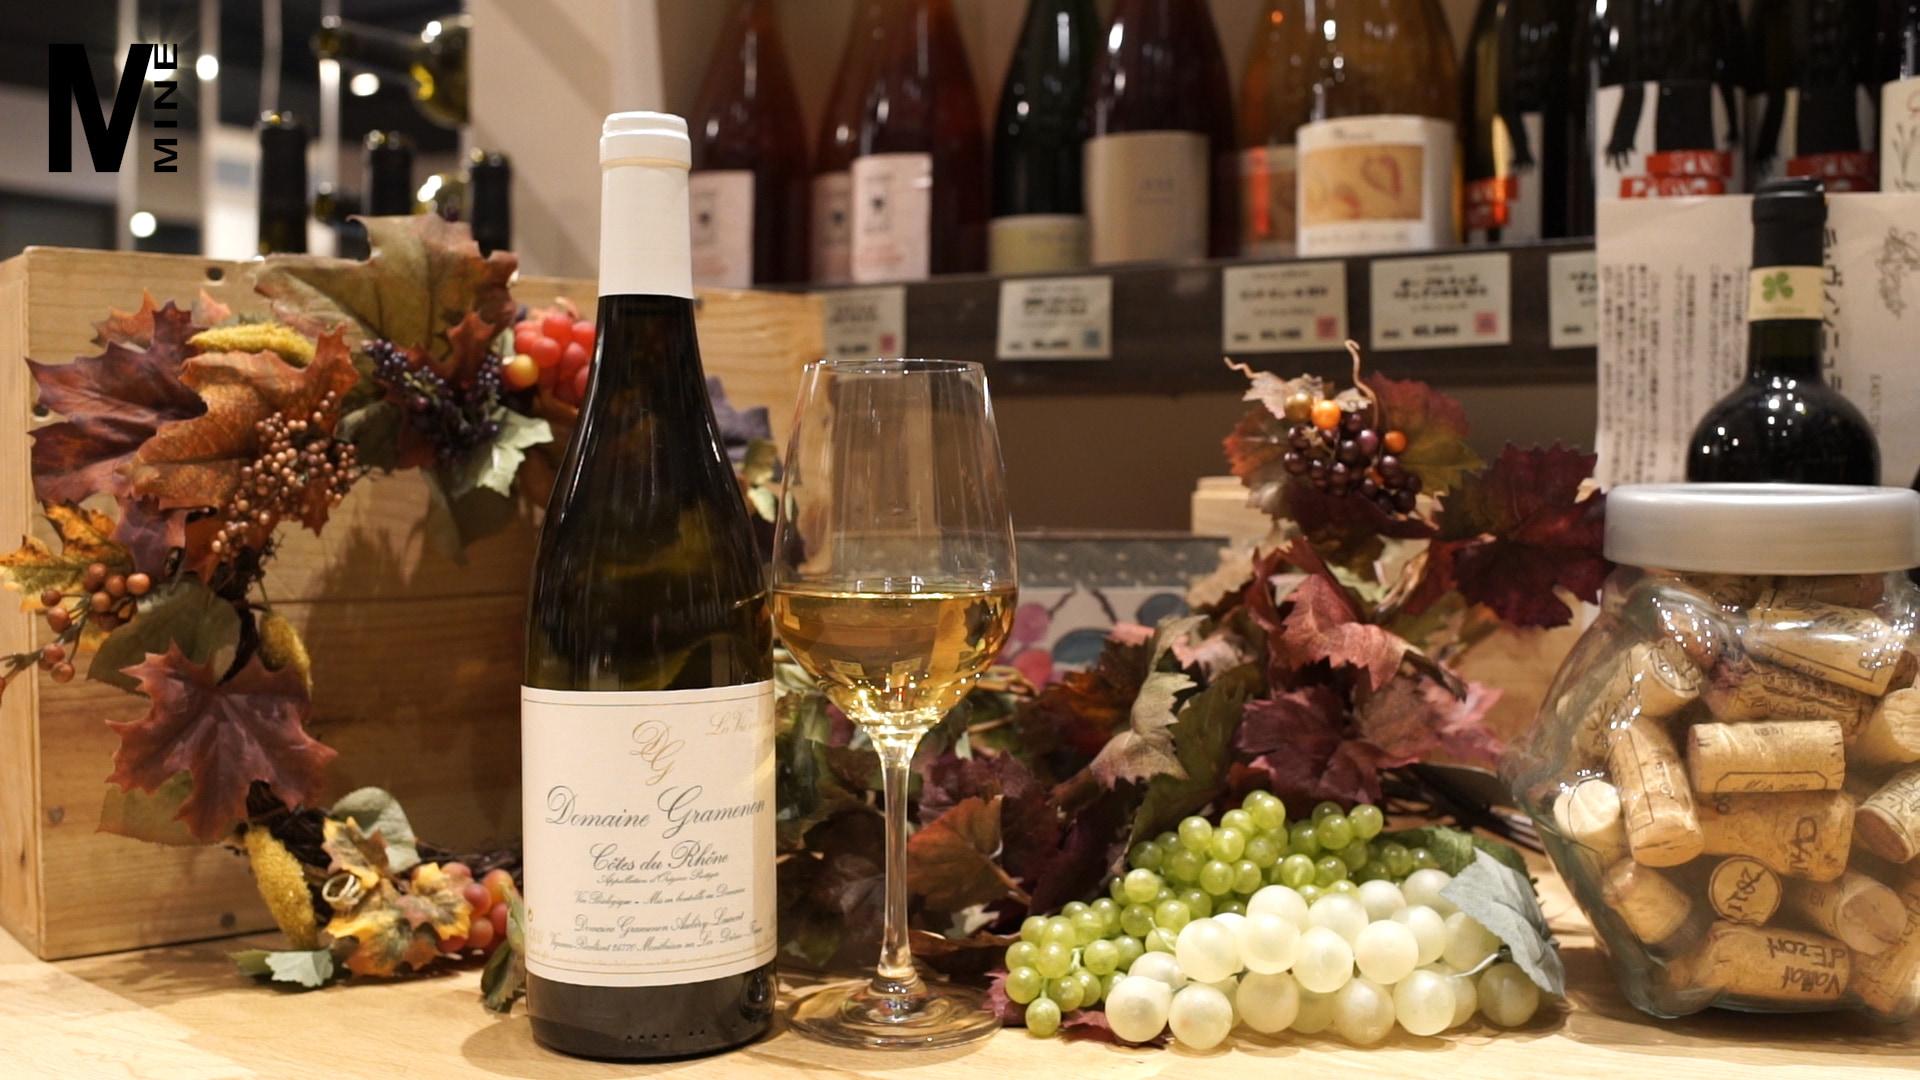 <自分でワインを選べるように!>白ワイン編Vol.6【ヴィオニエ】